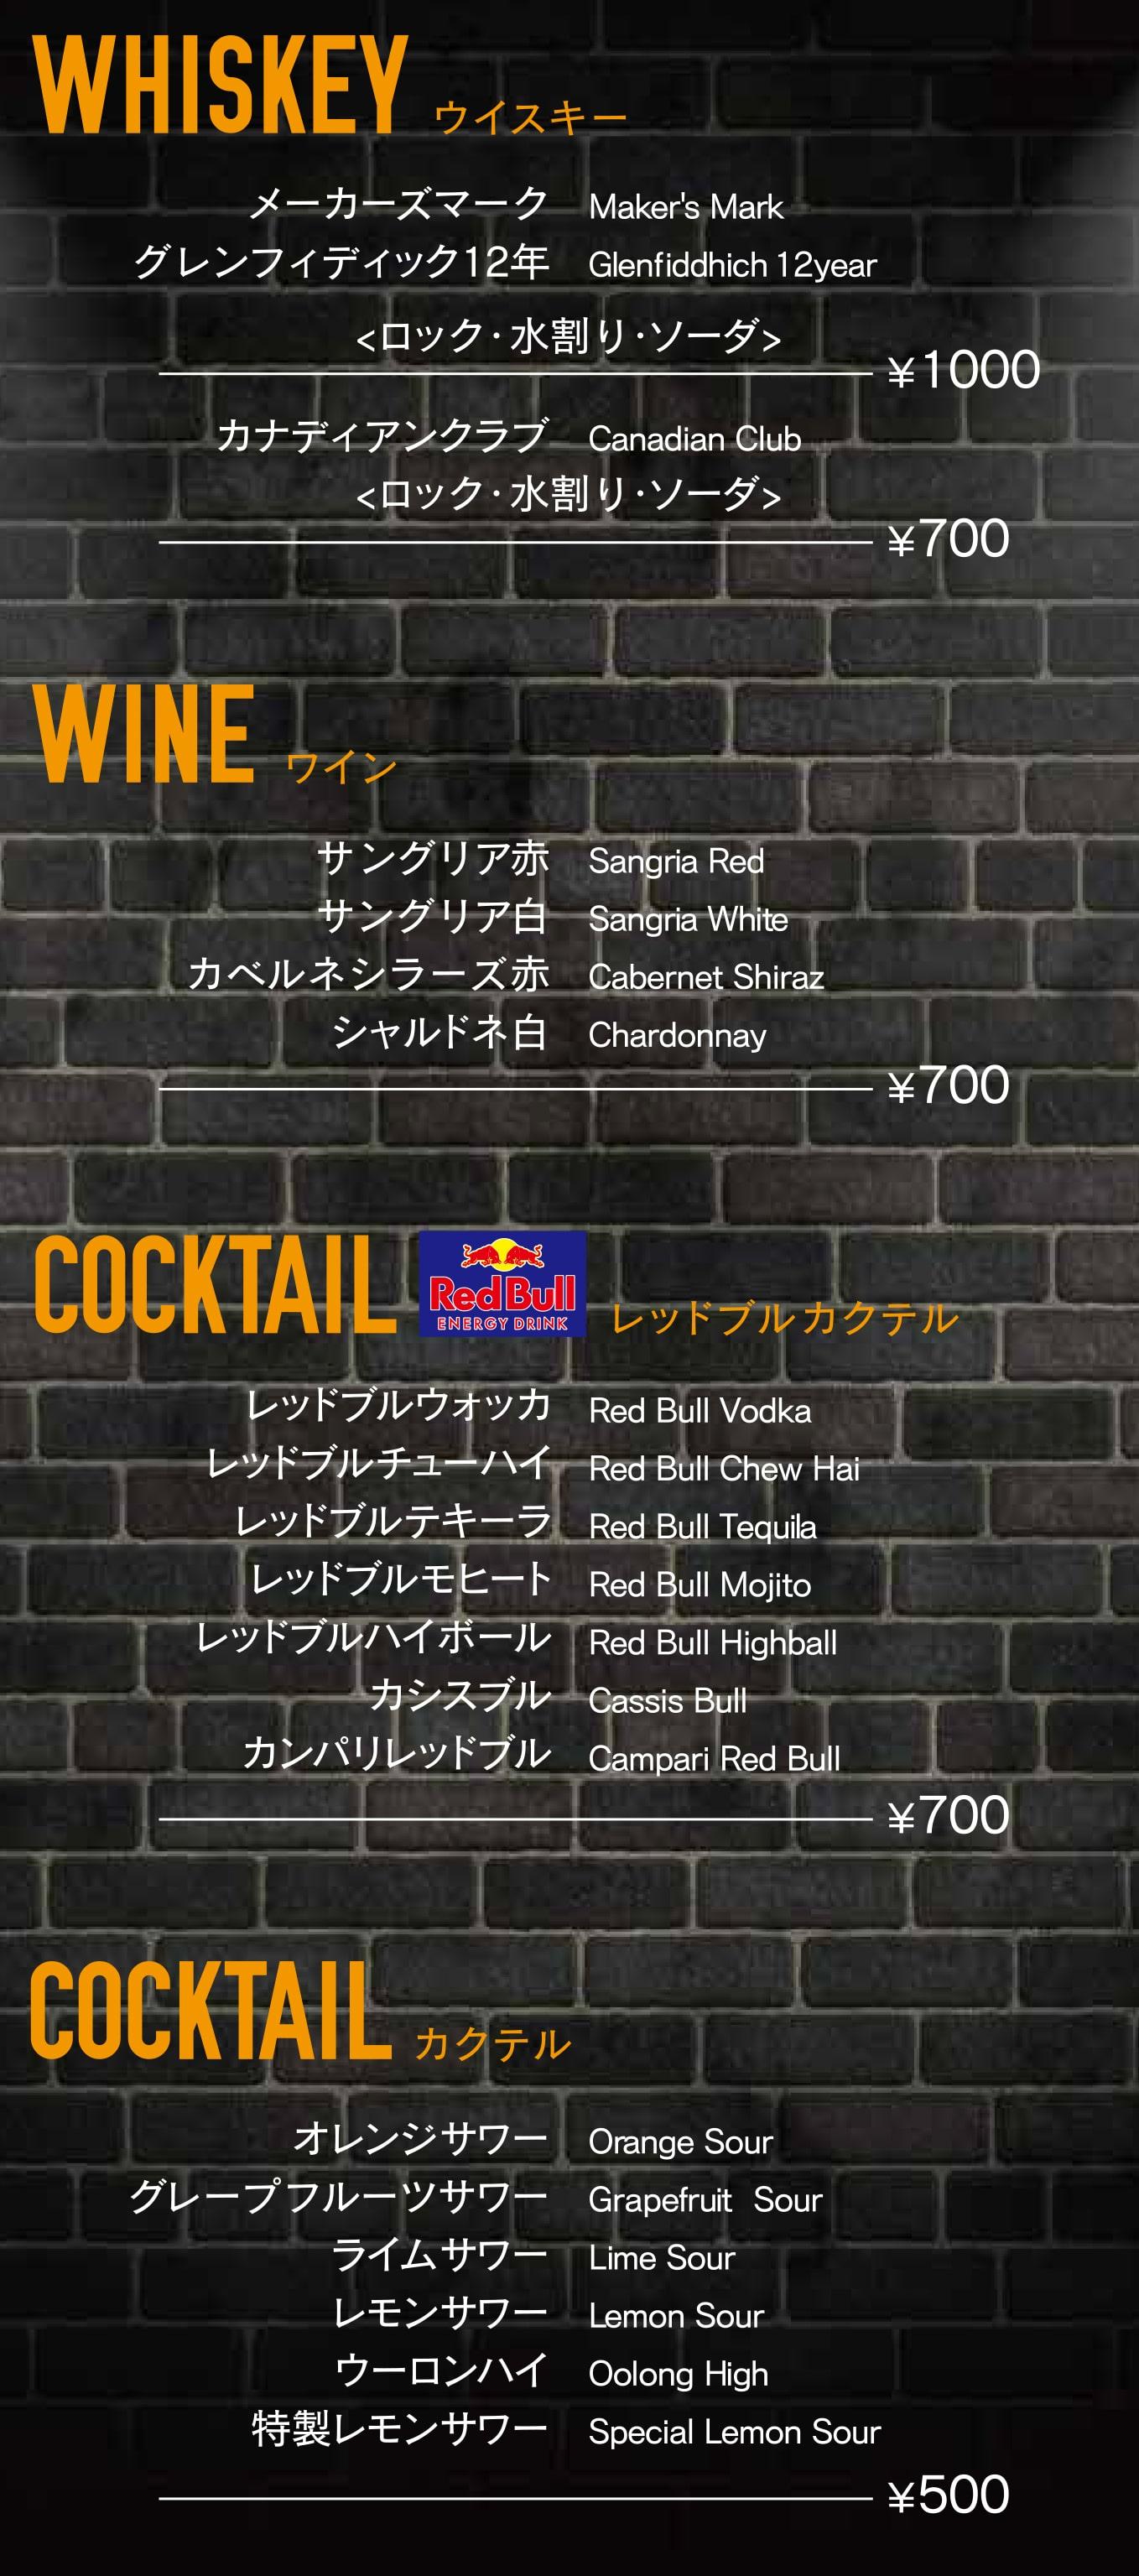 ウイスキー・ワイン・レッドブルカクテル・カクテル